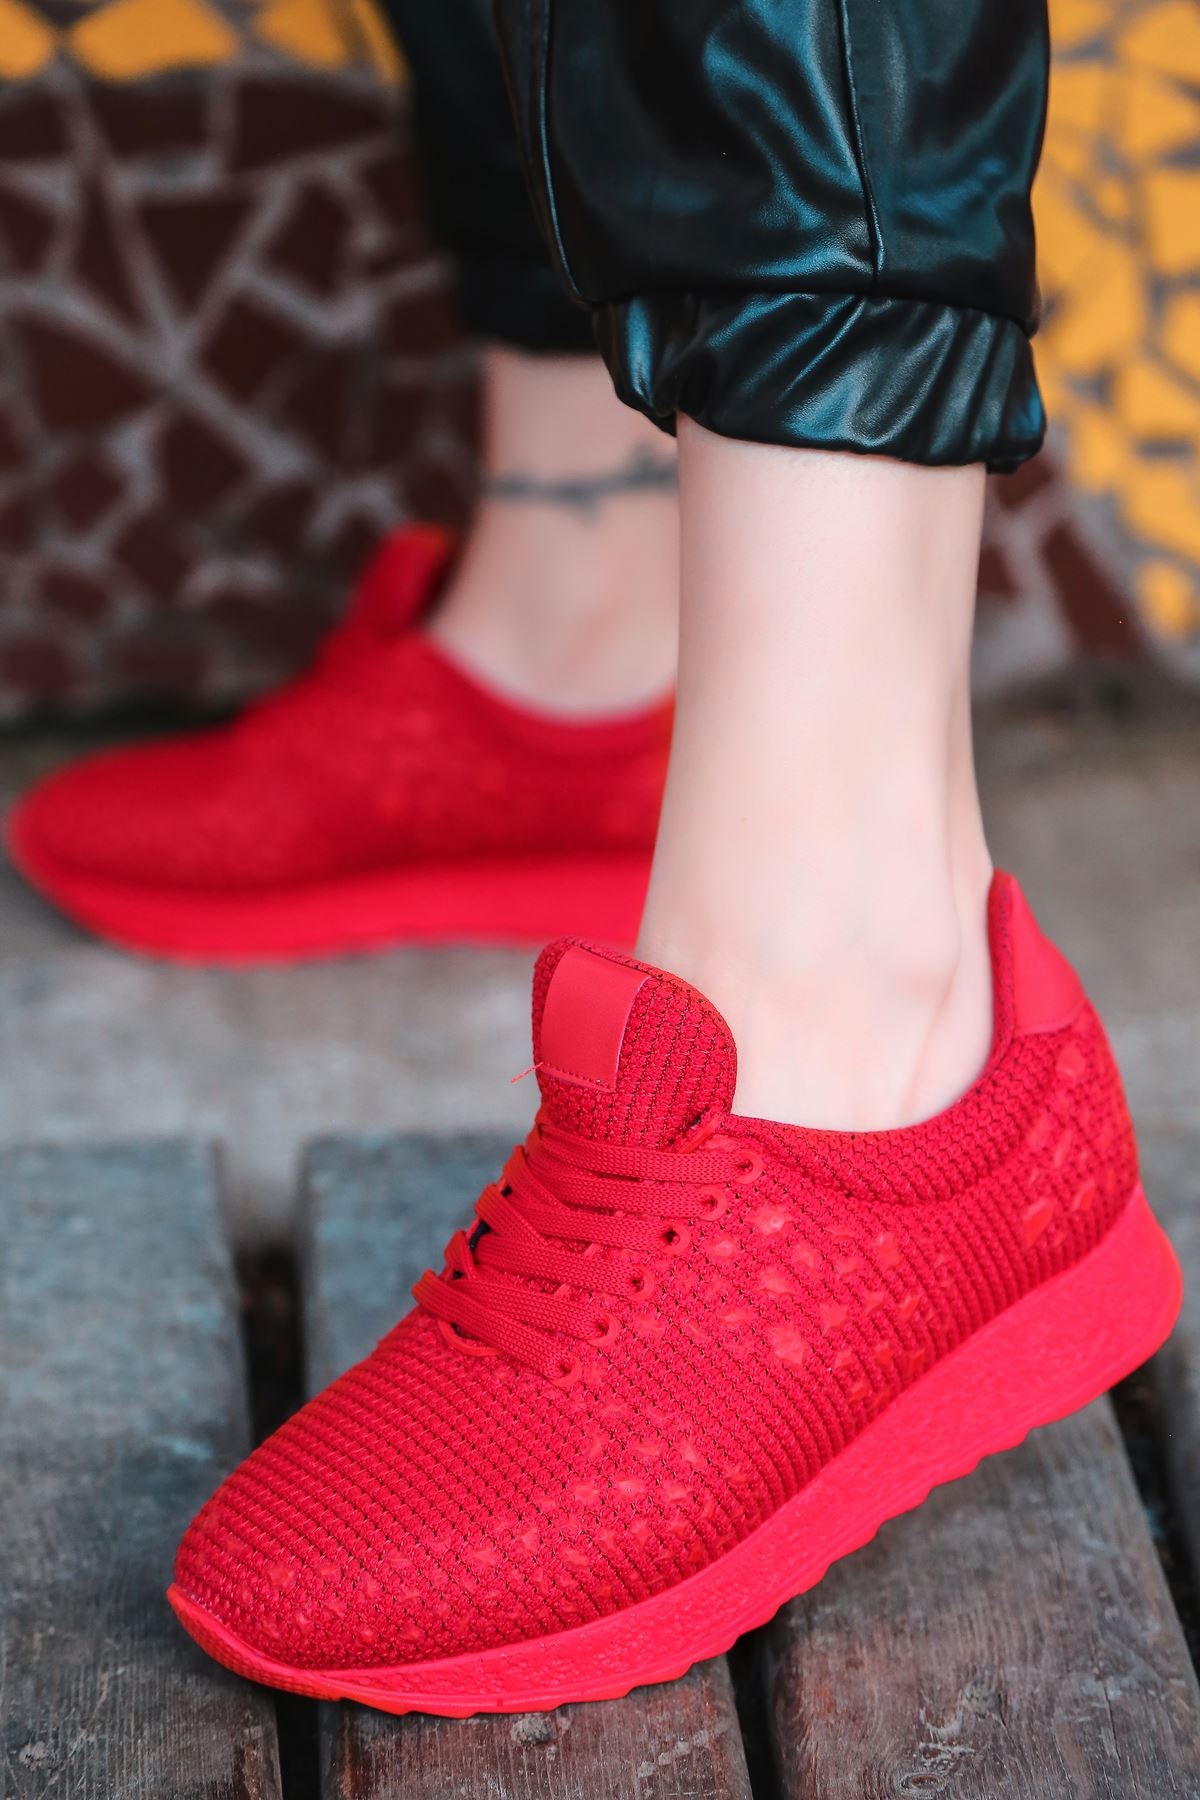 Star Çelik Örgü Triko Kadın Spor Ayakkabı Kırmızı